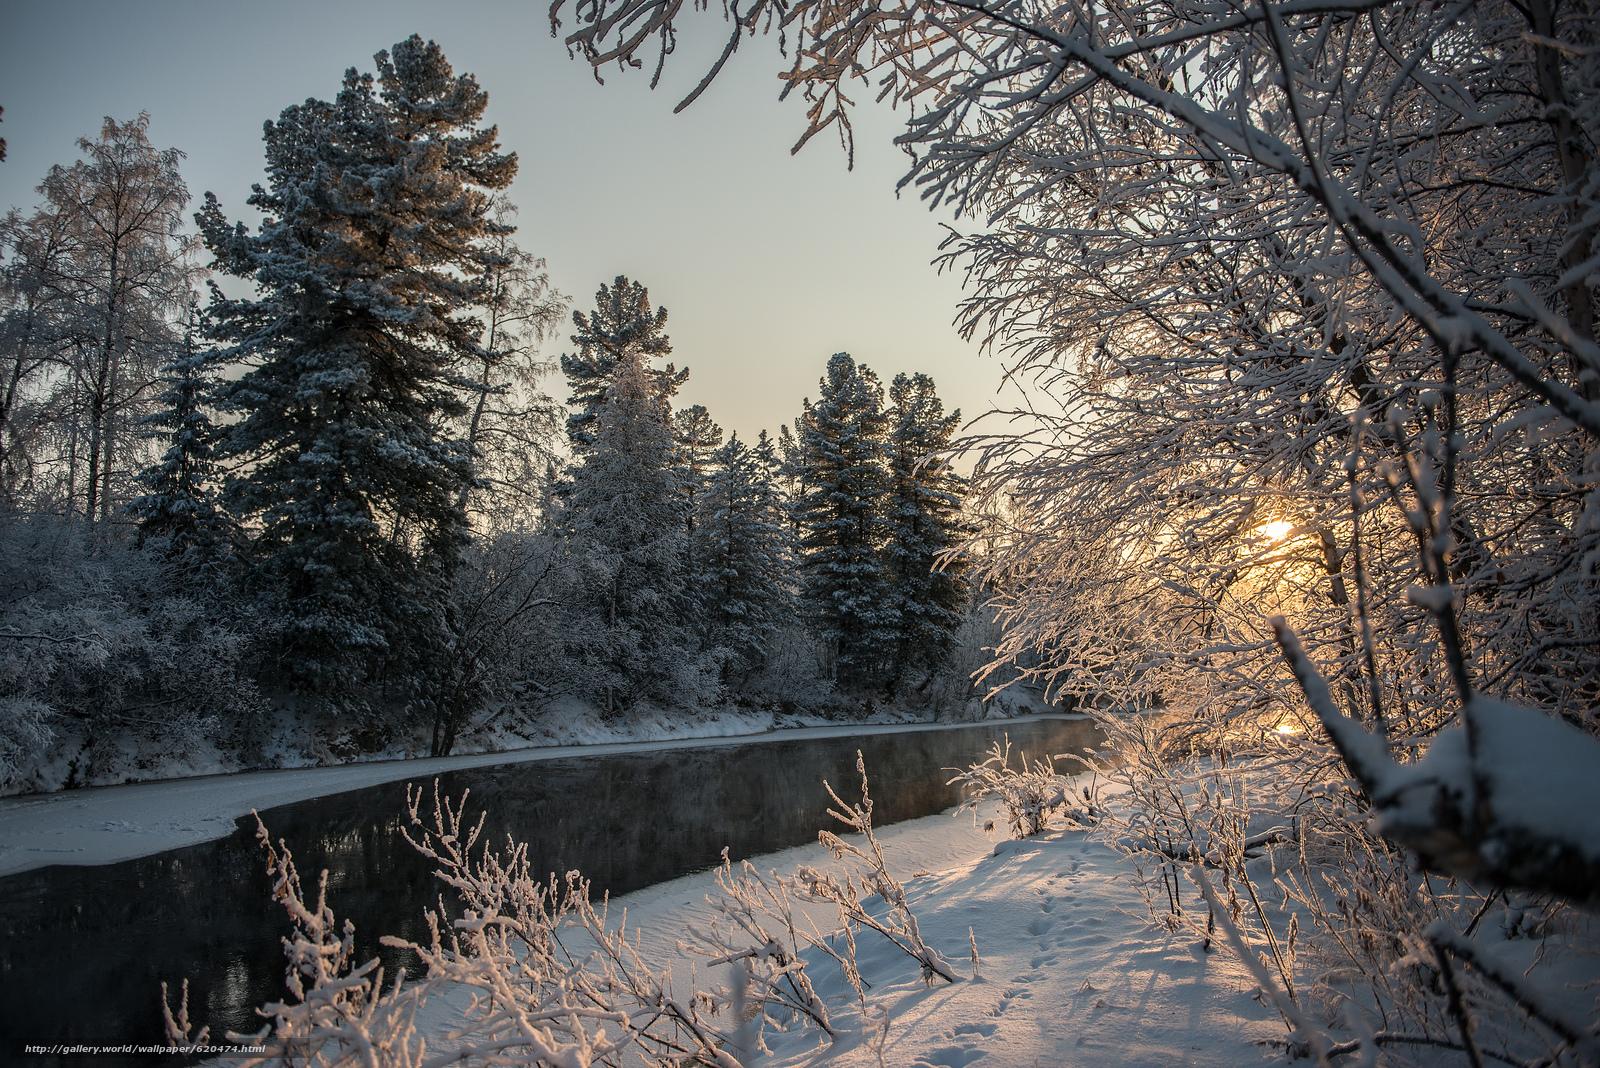 Скачать обои река,  зима,  лес,  деревья бесплатно для рабочего стола в разрешении 4000x2670 — картинка №620474